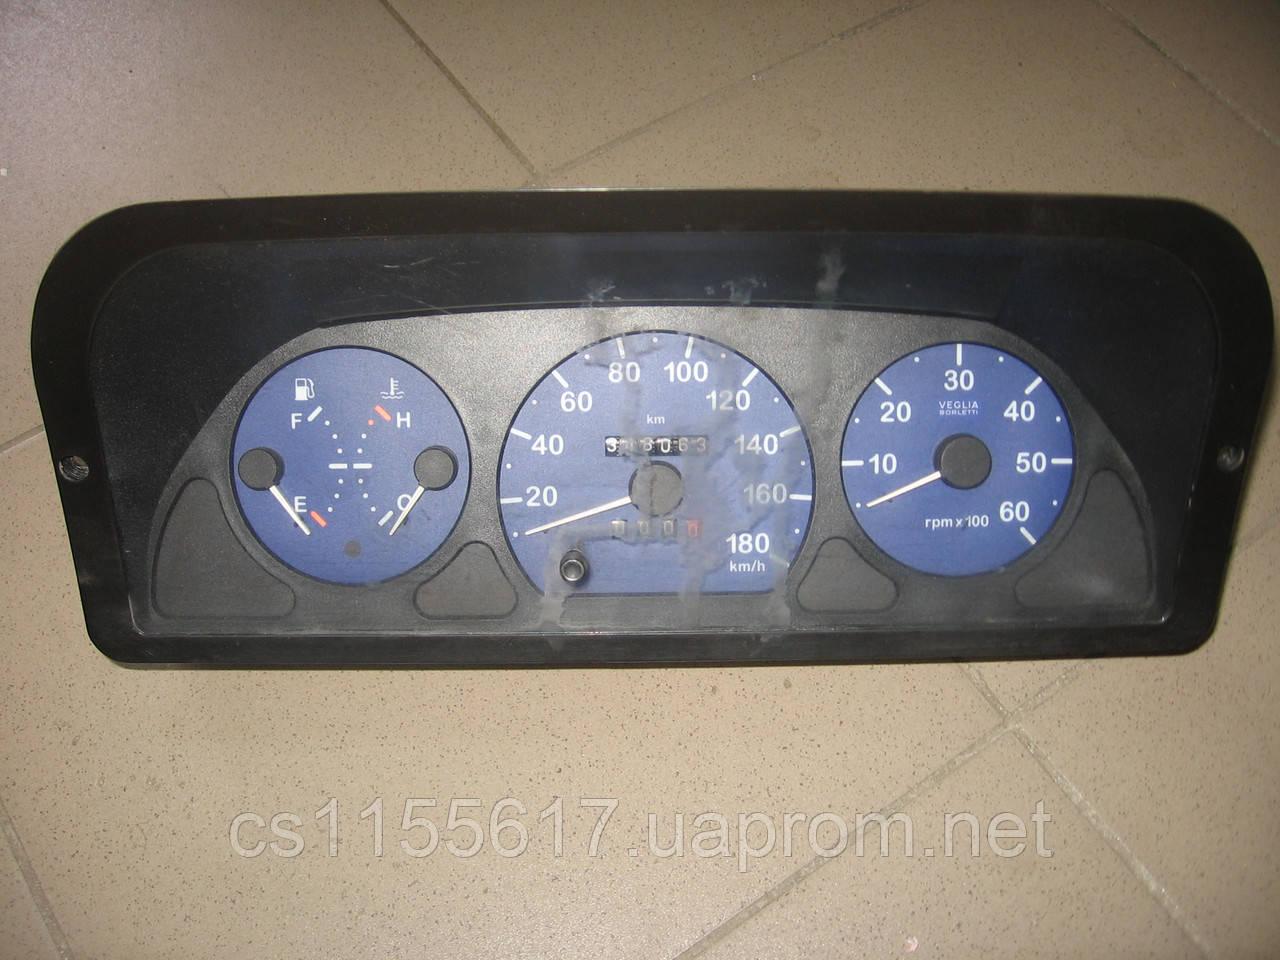 Панель приборов 1326485080 б/у на Peugeot Boxer, Citroen Jumper, Fiat Ducato год 1999-2002 (с тахометром)